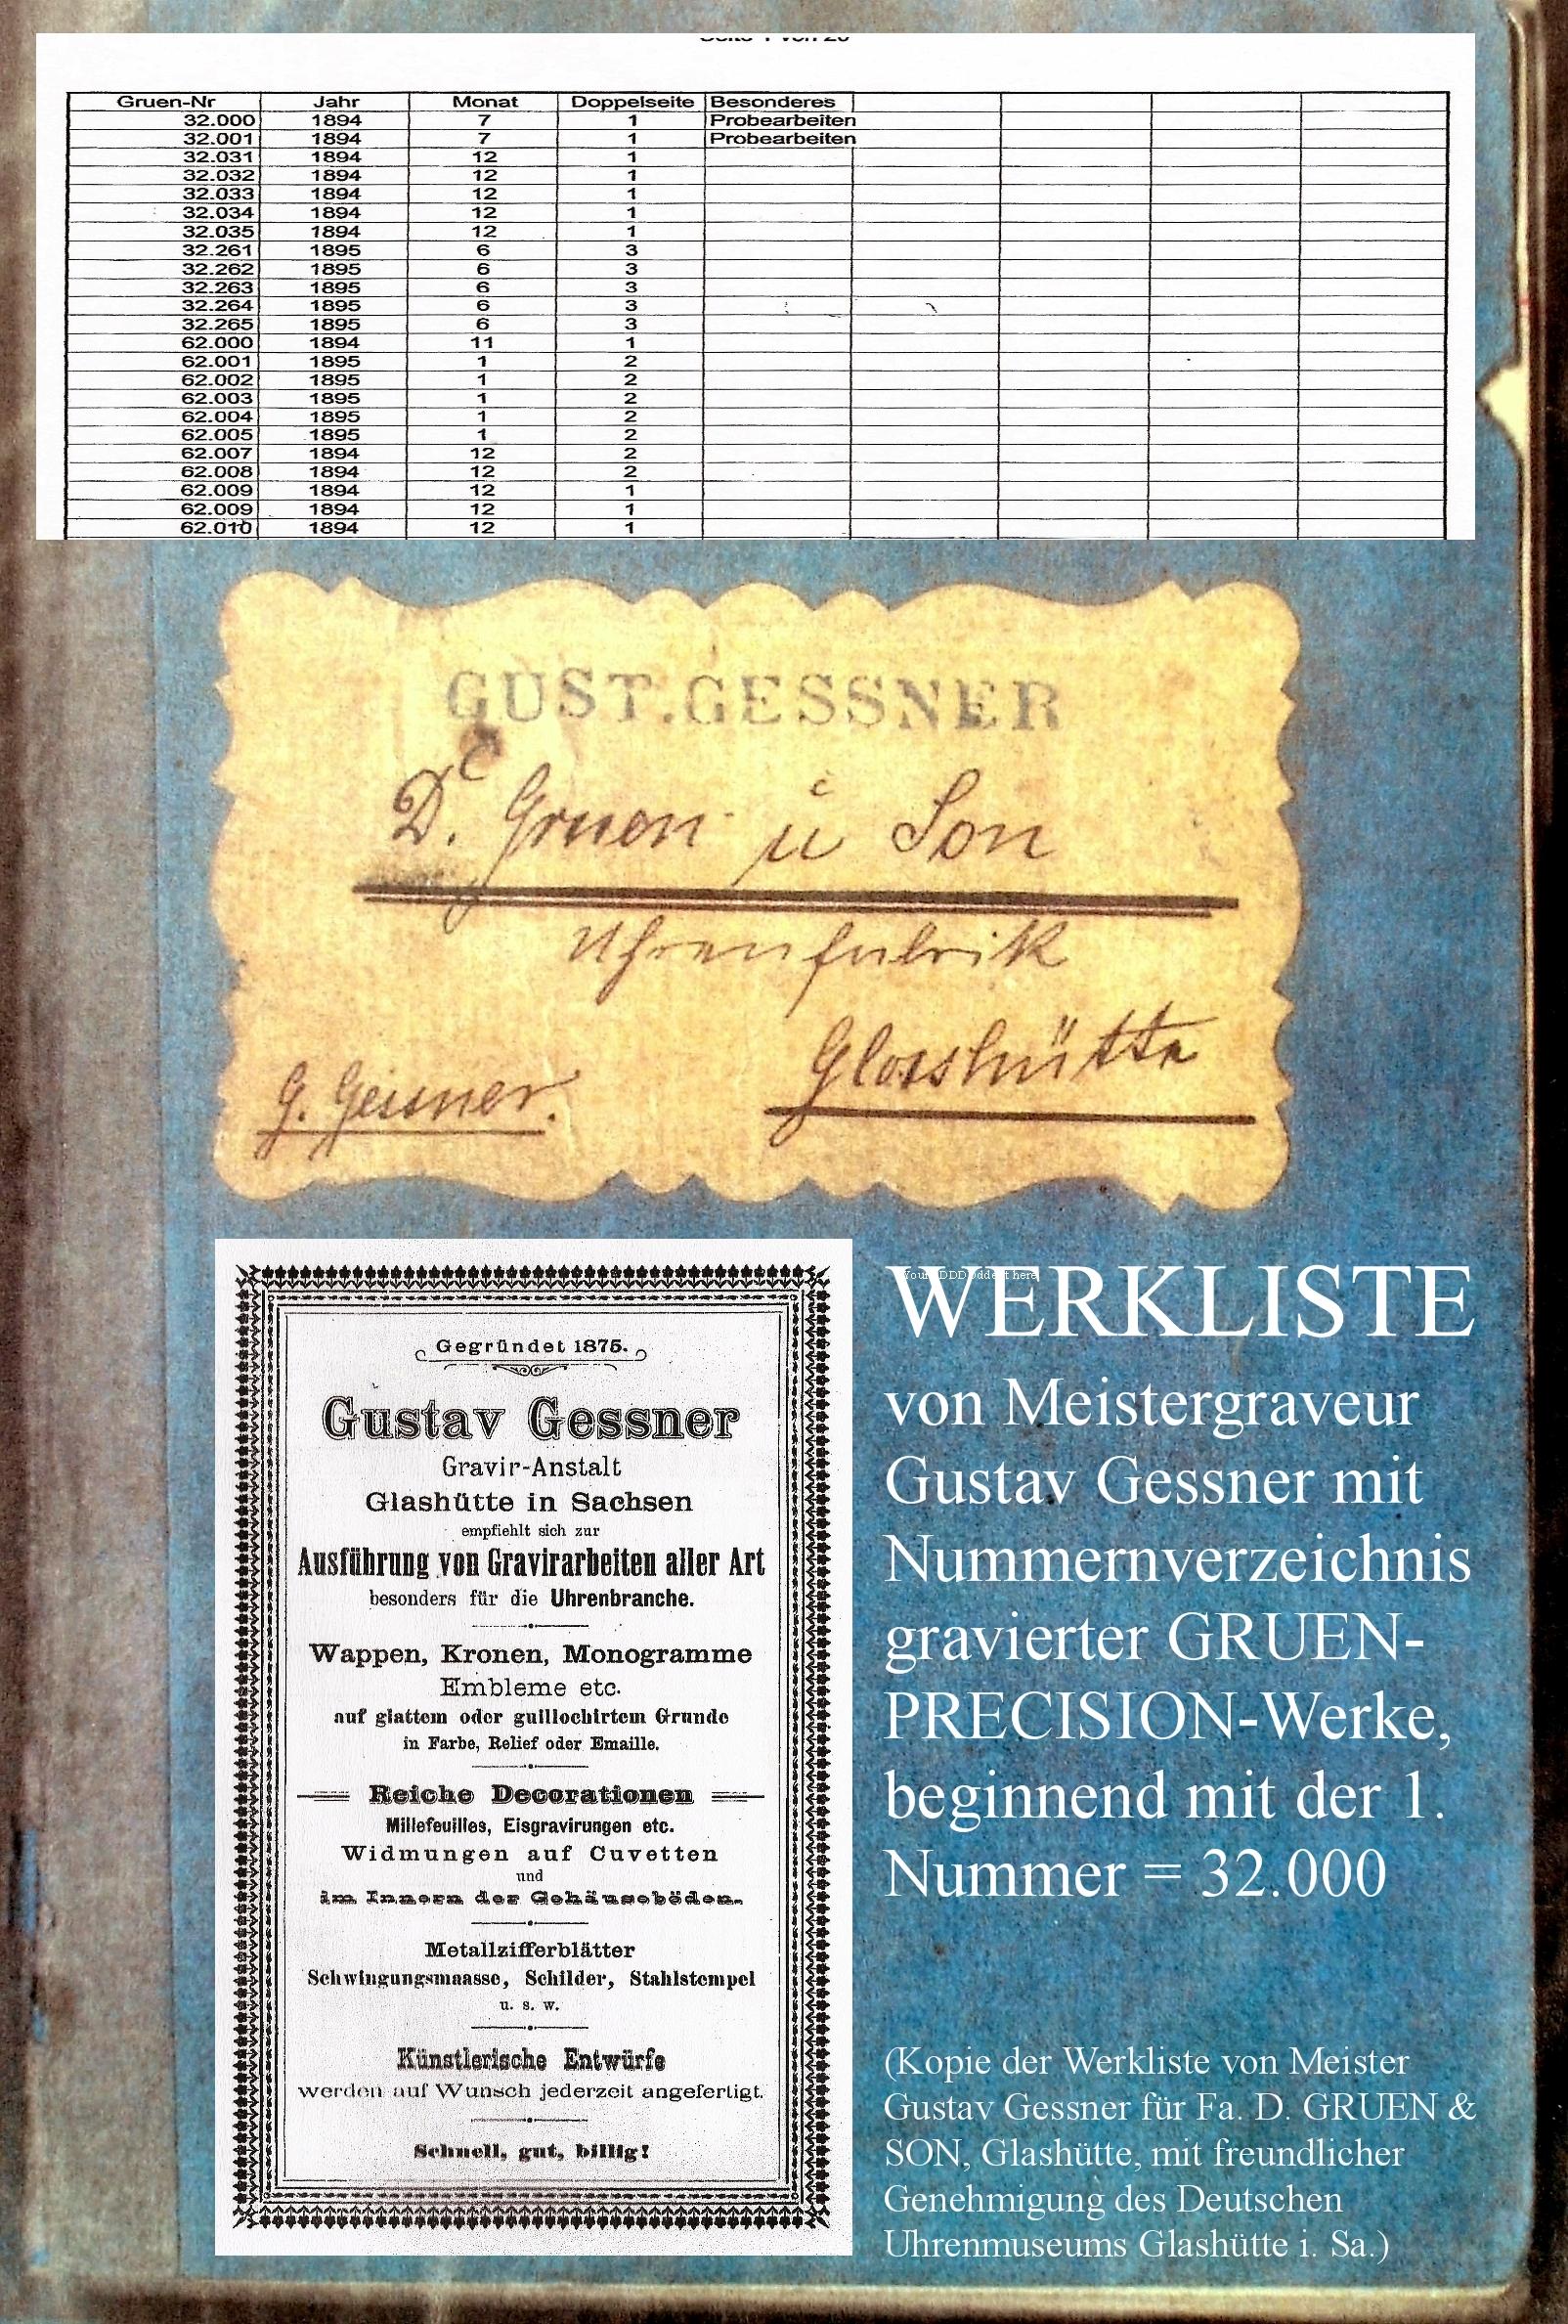 Photo/Collage  oben : Gerhard Bechtoldt DGS Glashuette i. Sa. GmbH   OBEN:  Das nächste Werkbuch von Gustav Gessner für die später in  D. GRUEN & SONS / D. GRUEN & SOEHNE  umbenannte  GRUEN-Uhrenfabrik  in Glashütte ist nicht mehr verfügbar. Insofern fehlen die späteren  D. GRUEN & SONS/SOEHNE -Nummernlisten aus der Bearbeitung im Hause von Meistergraveur Gustav Gessner. Werknummer und Datum der letzten  GRUEN- PRECISION - Uhr  aus Glashütte i. Sa. sind bishernicht exakt bestimmbar.  Fachleute vermuten heute, dass die letzte Glashütter Werknummer im Bereich der 68.000er liegen dürfte.   www.glashuetteuhren.de/die-uhrenfabriken/j-assmann-glashuette-i-sa-deutsche-anker-uhren-fabrik-1/gruenschen-uhrenfabrikation-gruen-und-assmann/     UNTEN:  Werkfoto der weltweit jüngsten bisher dokumentierten  GRUEN-Uhr aus Glashütte i. Sa.  , mit Werknummer 68174 . Diese Uhr befindet sich ebenfalls in unserem Firmenmuseum. Es handelt sich um eine DGS- Extra-Precison -Uhr in 1-A-Qualität, mit 21 Steinen und besonderem Zifferblatt. Im Unterschied zu früheren Werken sind u. a. Moustache-Anker und Ankerrad aus Stahl gefertigt, die Chaton-Schrauben radial gesetzt und die Feinregulierung modifiziert.